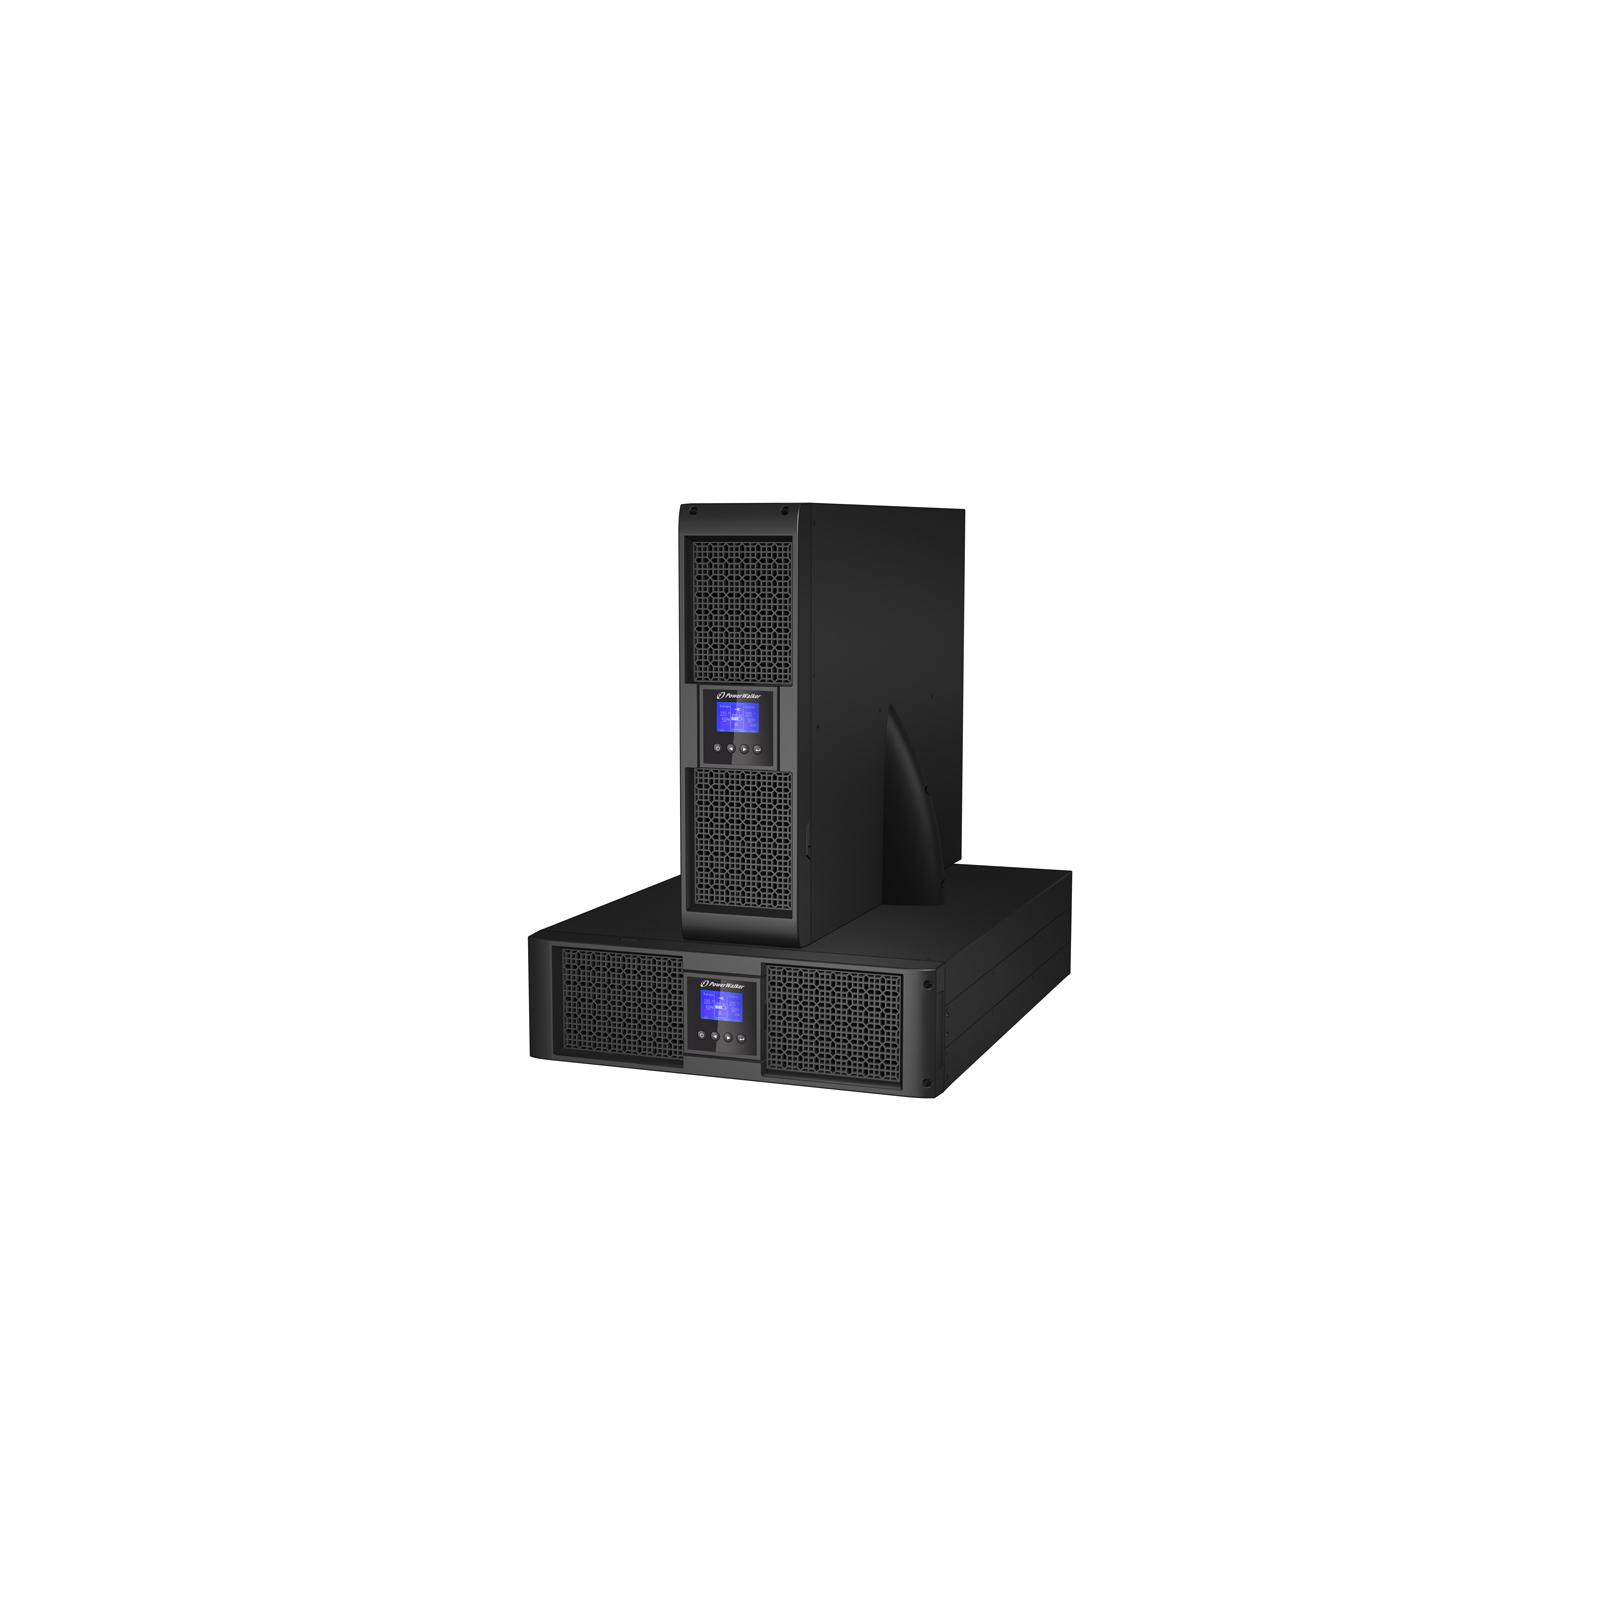 Источник бесперебойного питания PowerWalker VFI 6000RT LCD, Rack/Tower (10120130)